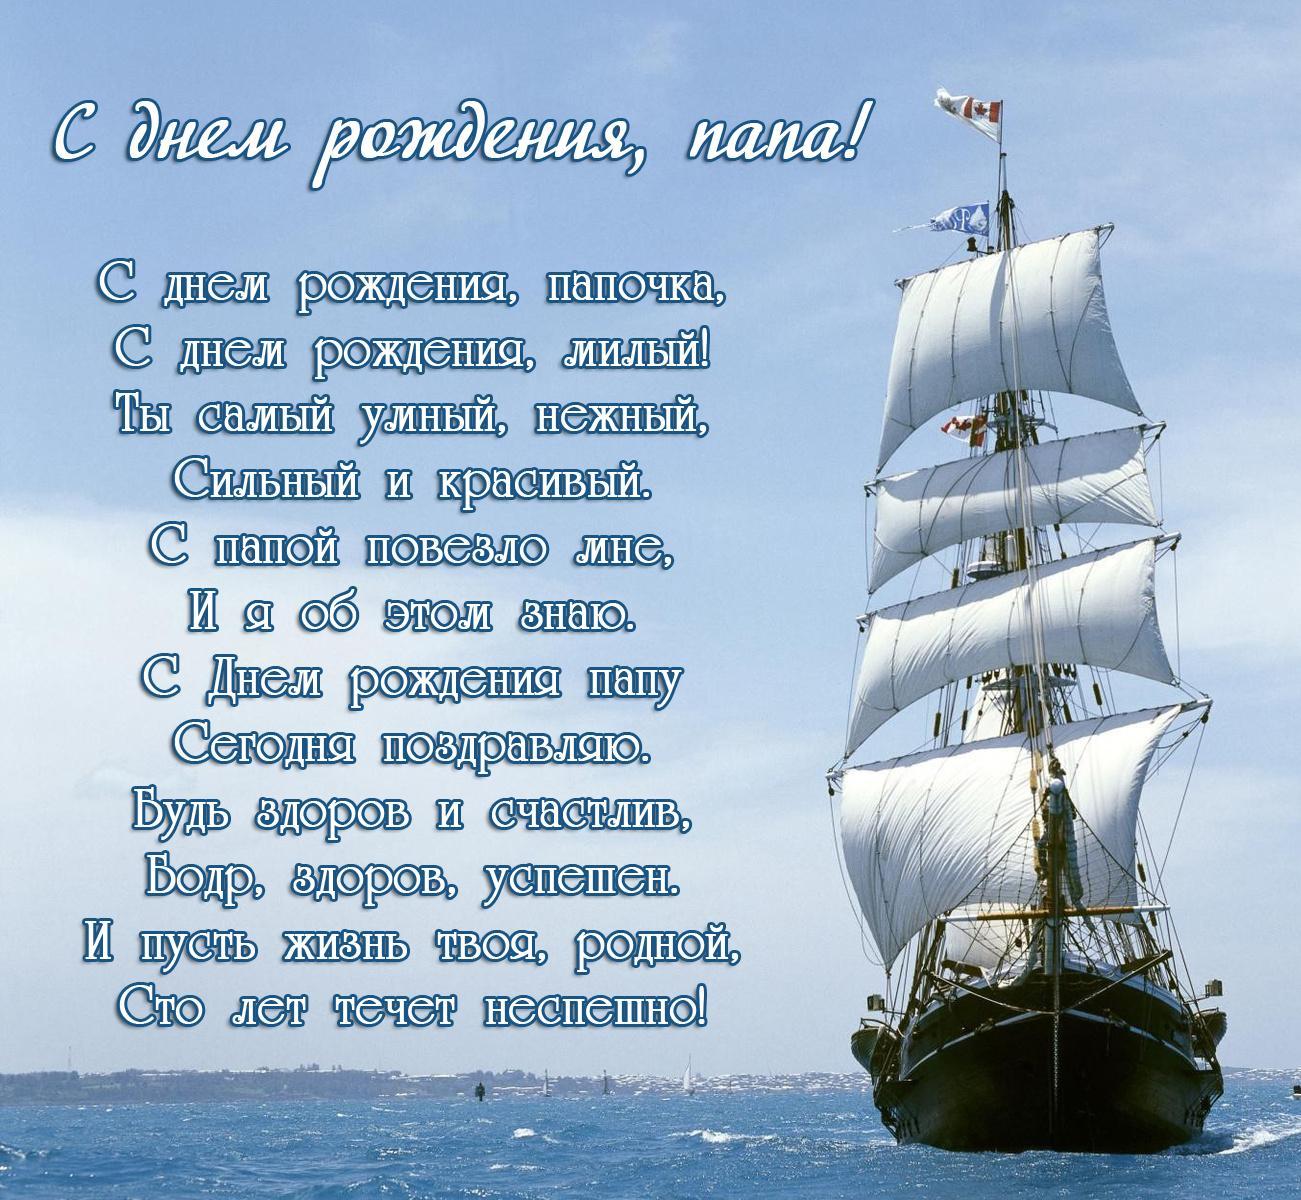 Поздравления на свадьбу со словом корабль